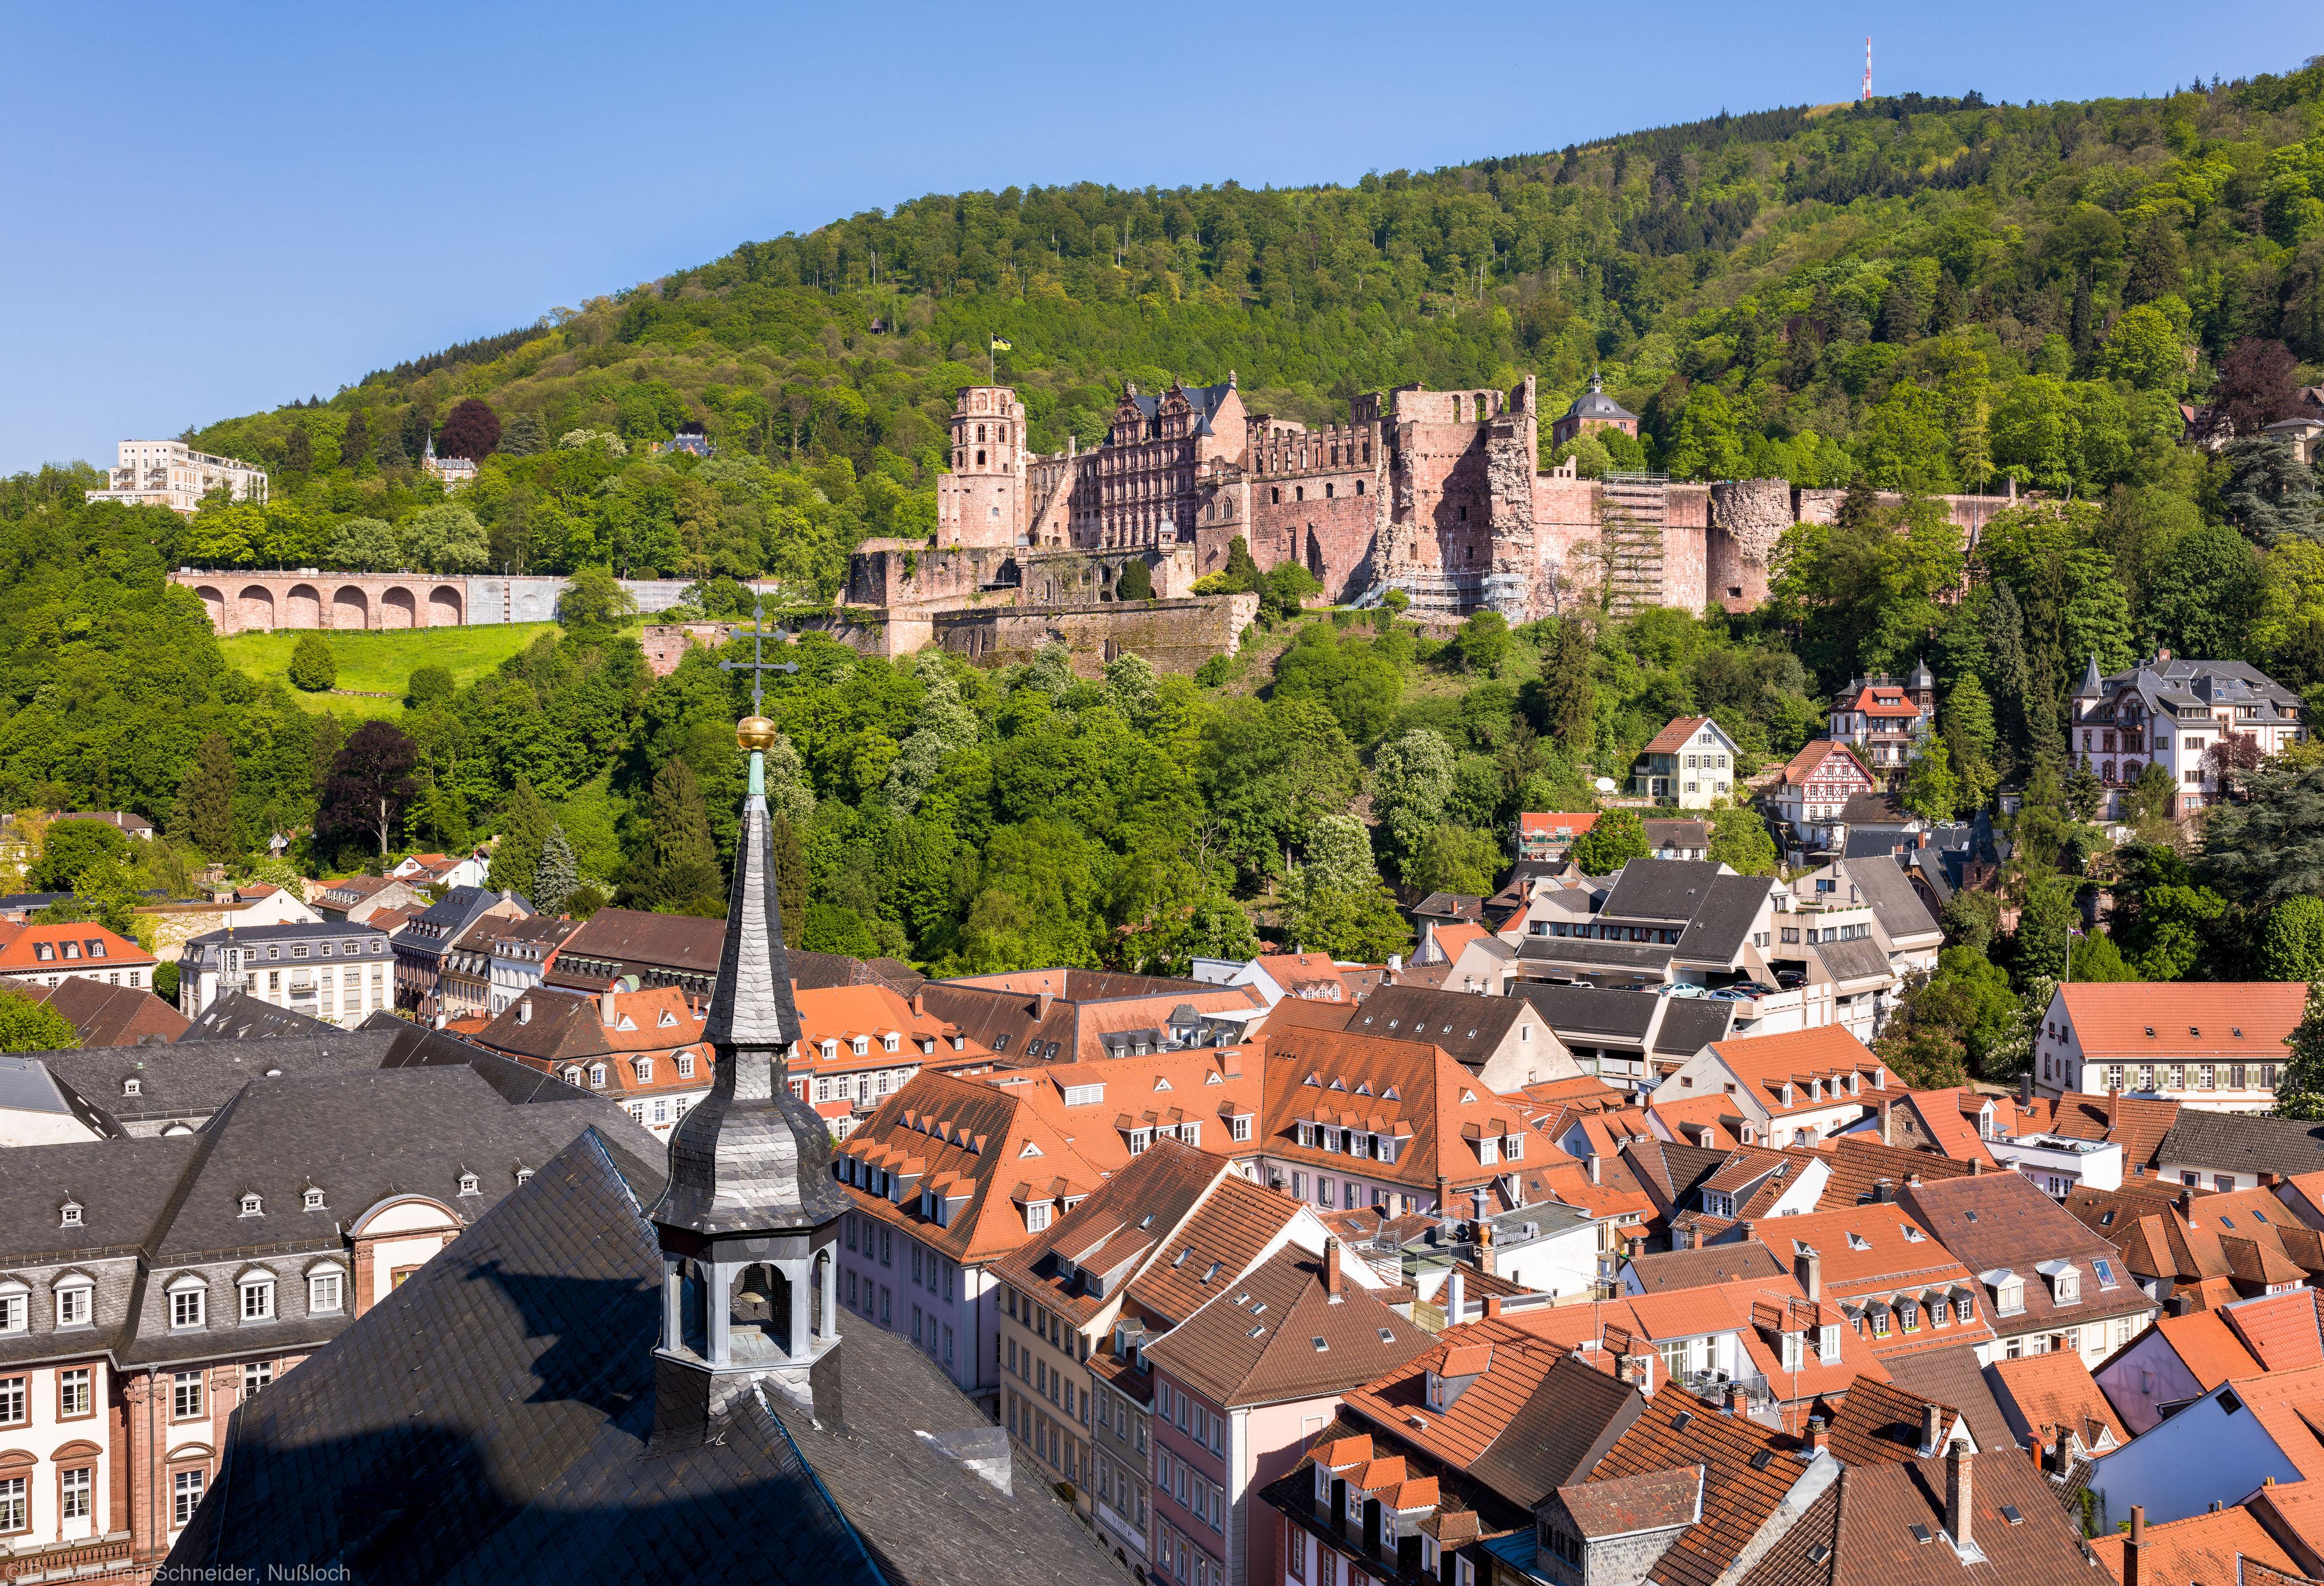 Heidelberg - Heiliggeistkirche - Umgebung - Blick vom Turm nach Südosten (aufgenommen im Mai 2016, am späten Nachmittag)